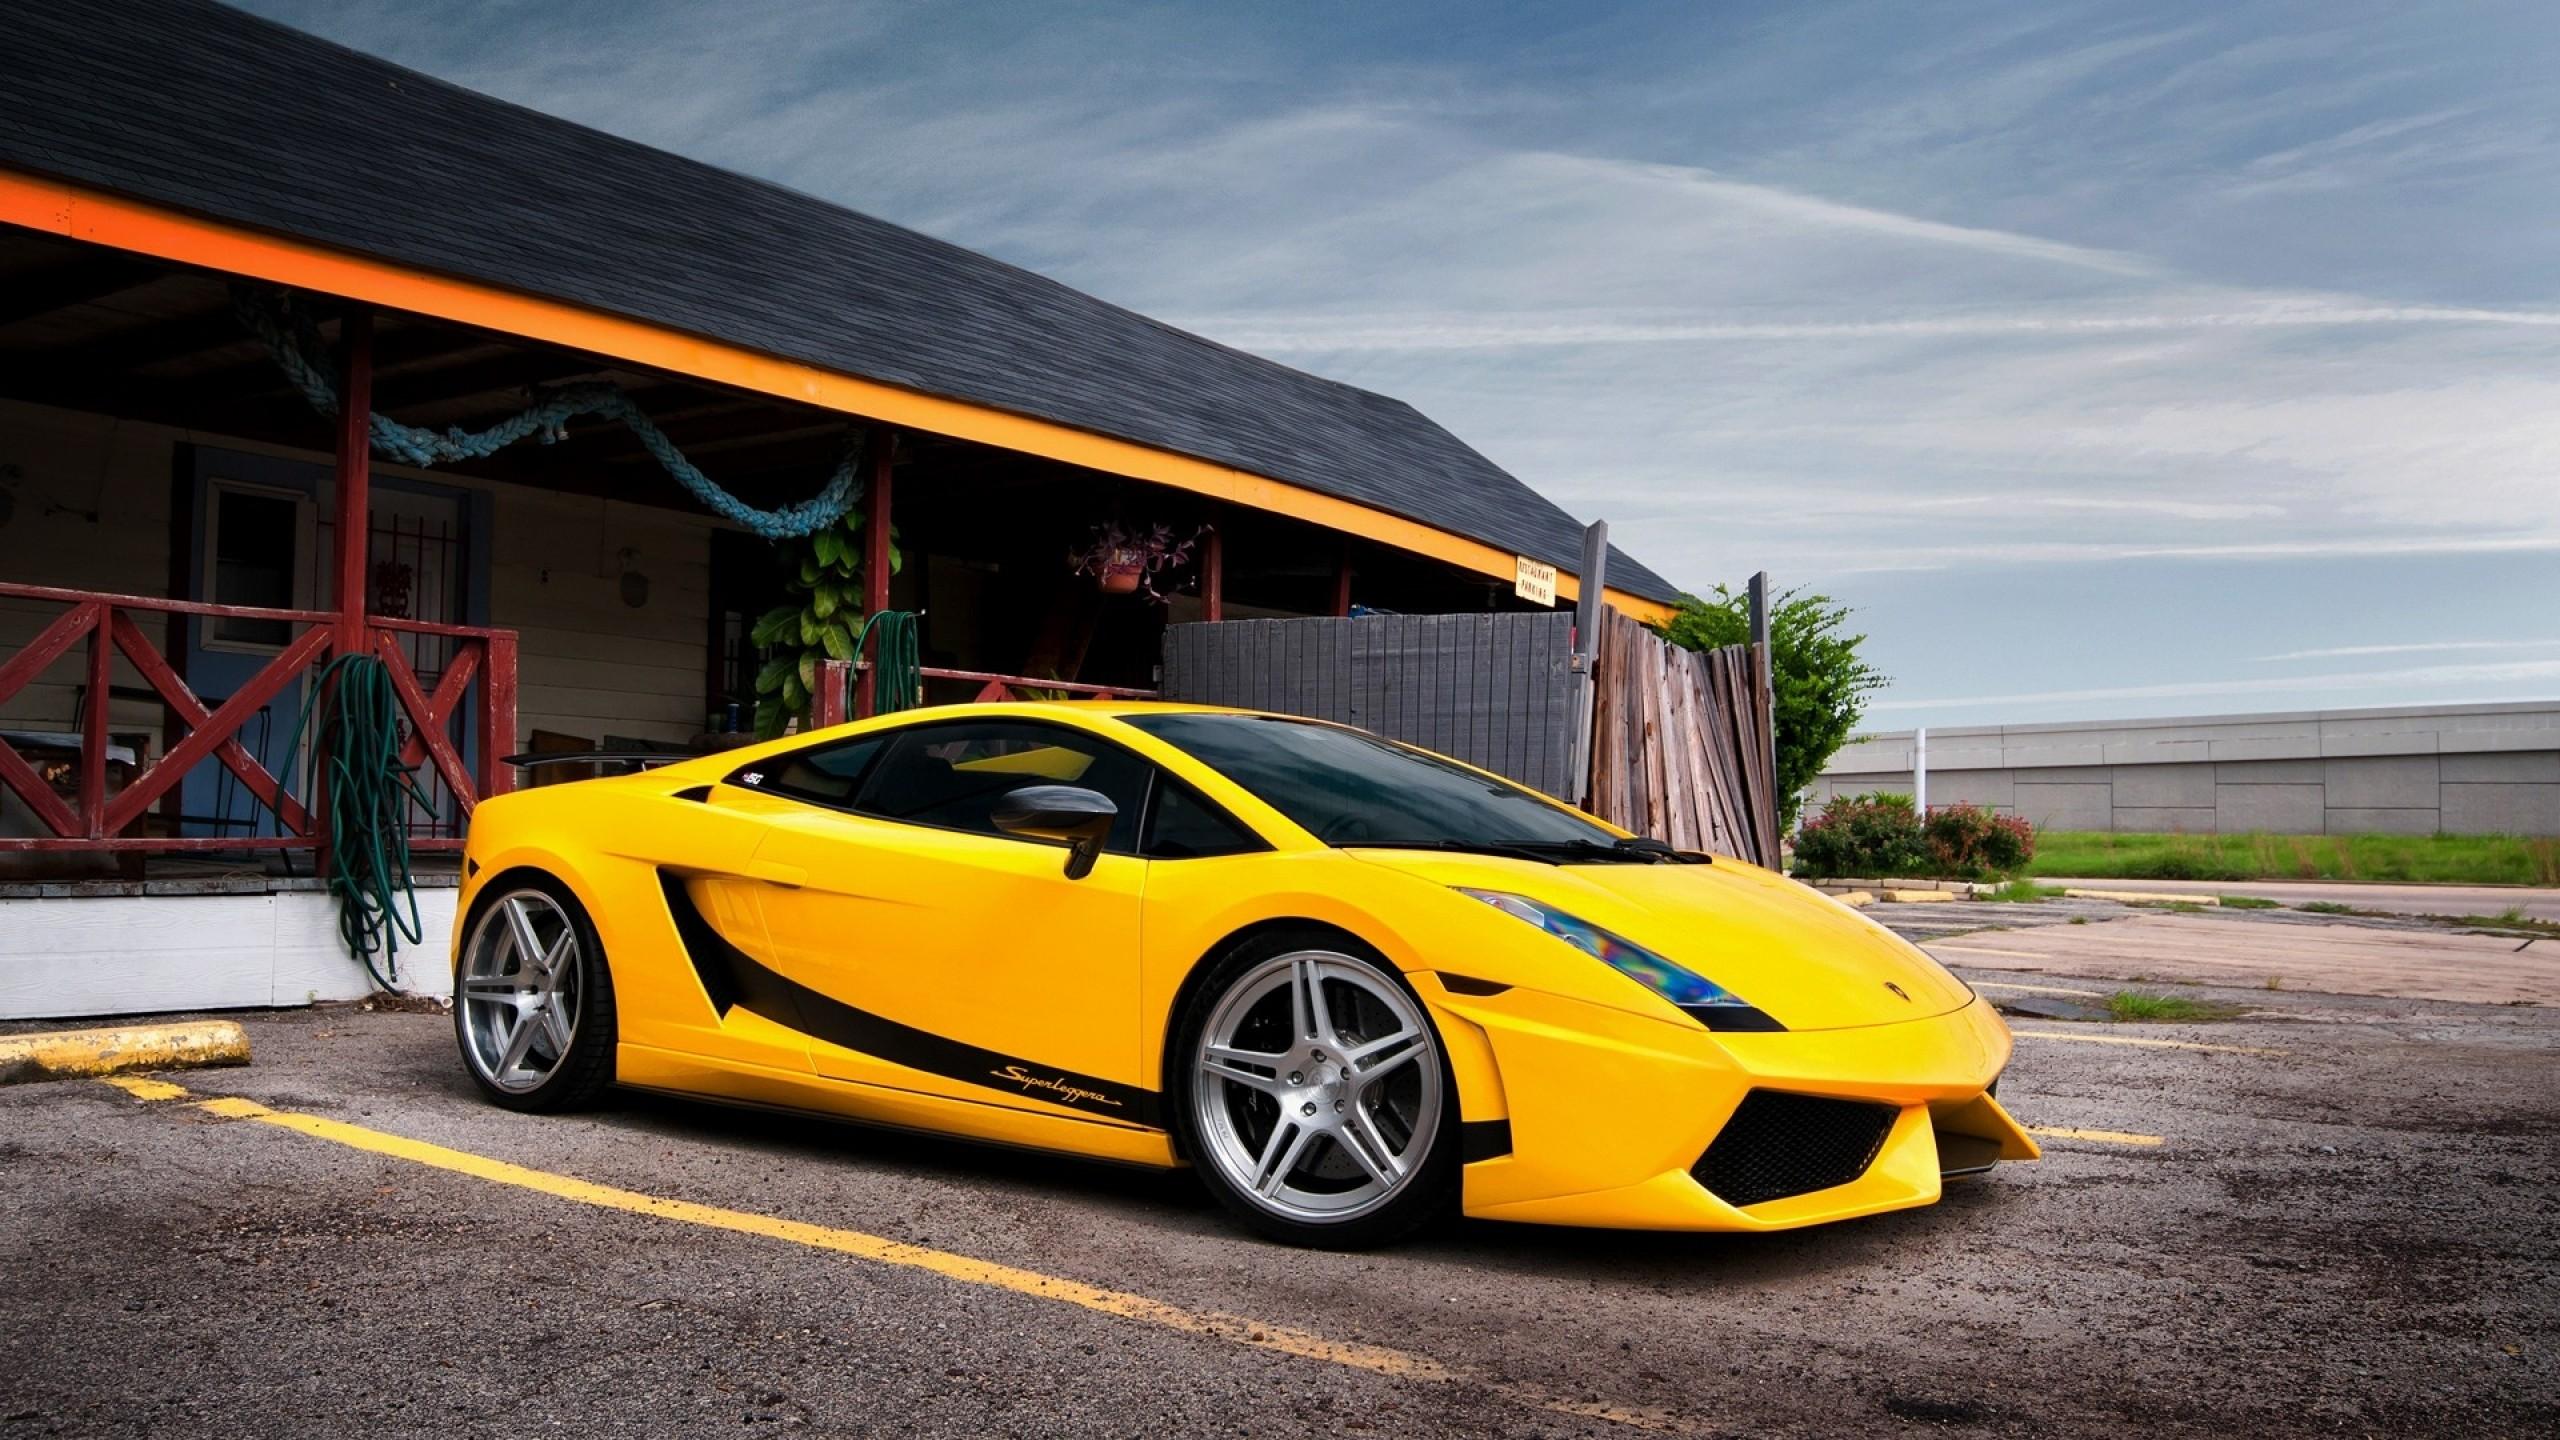 cars lamborghini lamborghini gallardo yellow cars lamborghini gallardo superleggera wallpaper 2560x1440 188987 wallpaperup